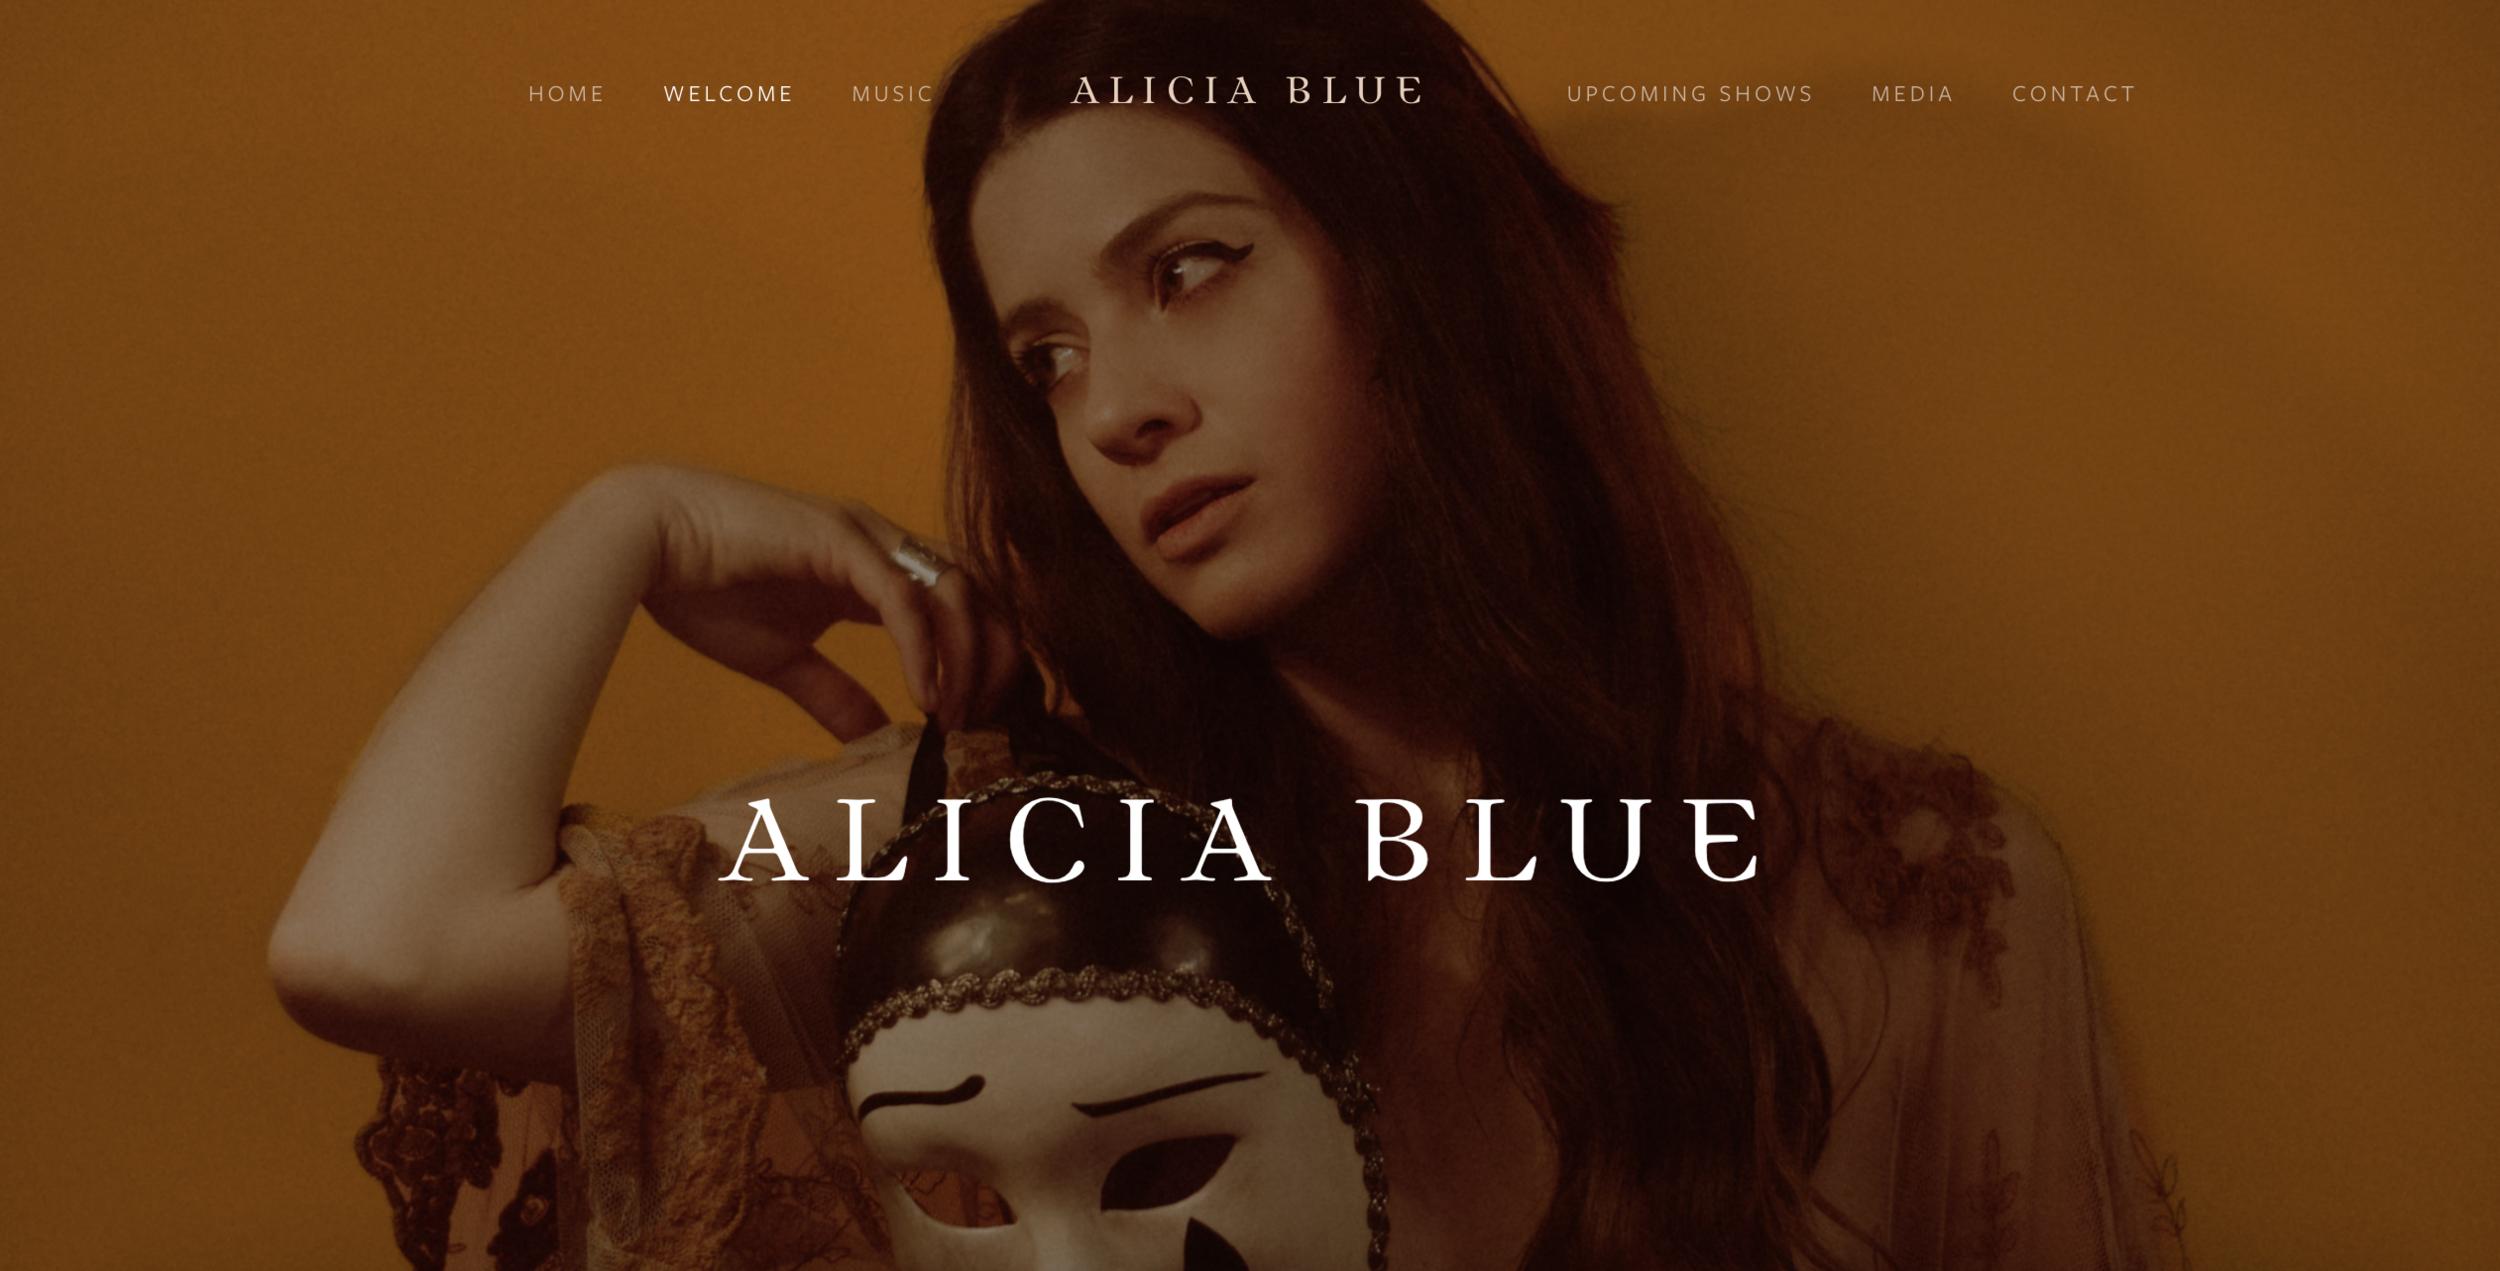 ALICIA BLUE